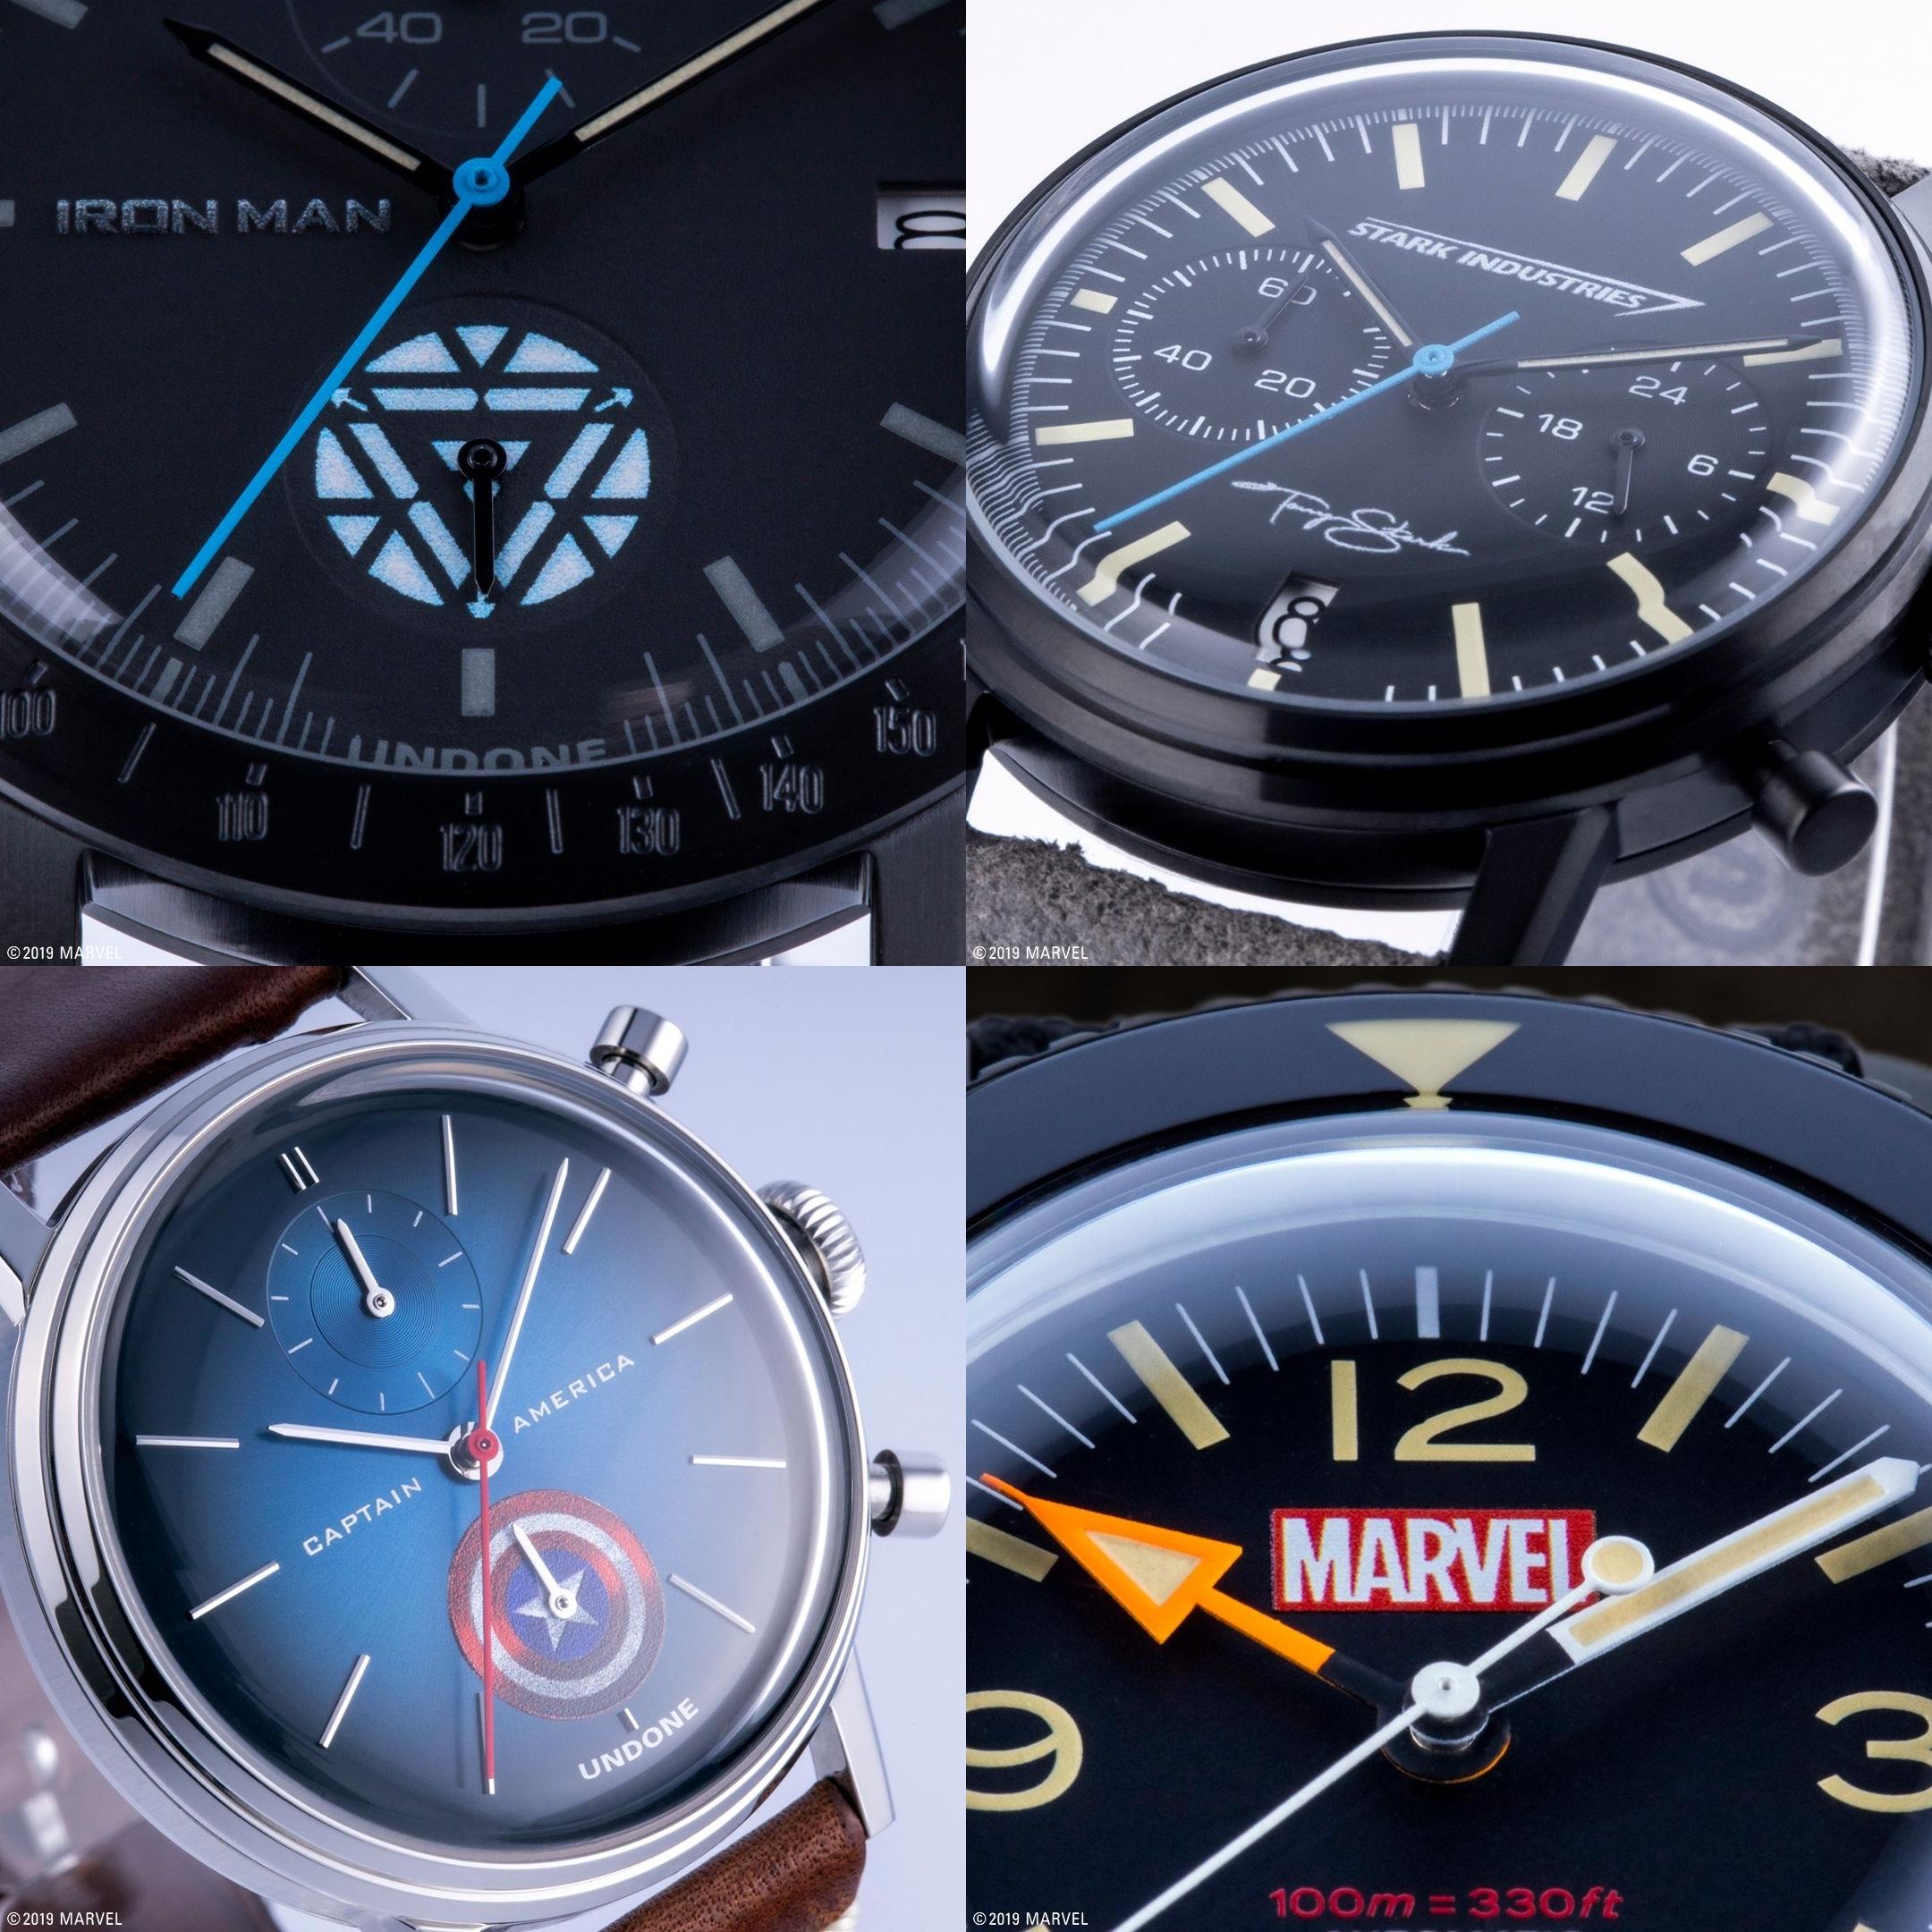 UNDONE マーベル 限定コラボ腕時計 アイアンマン スターク キャプテンアメリカ マーベル